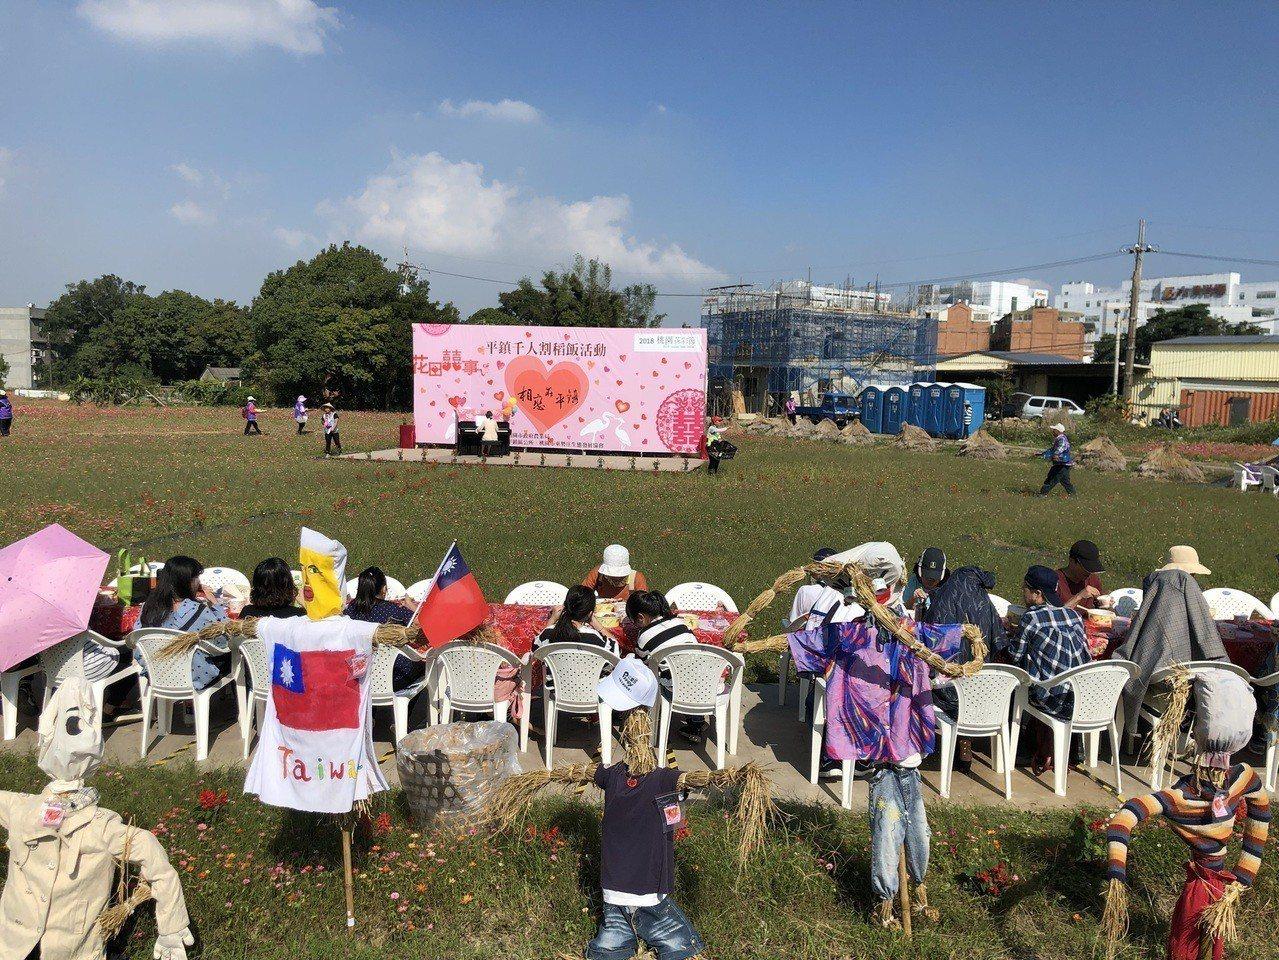 遊客在現場開心報名DIY活動,加上賞花心情好收穫多。記者鄭國樑/攝影